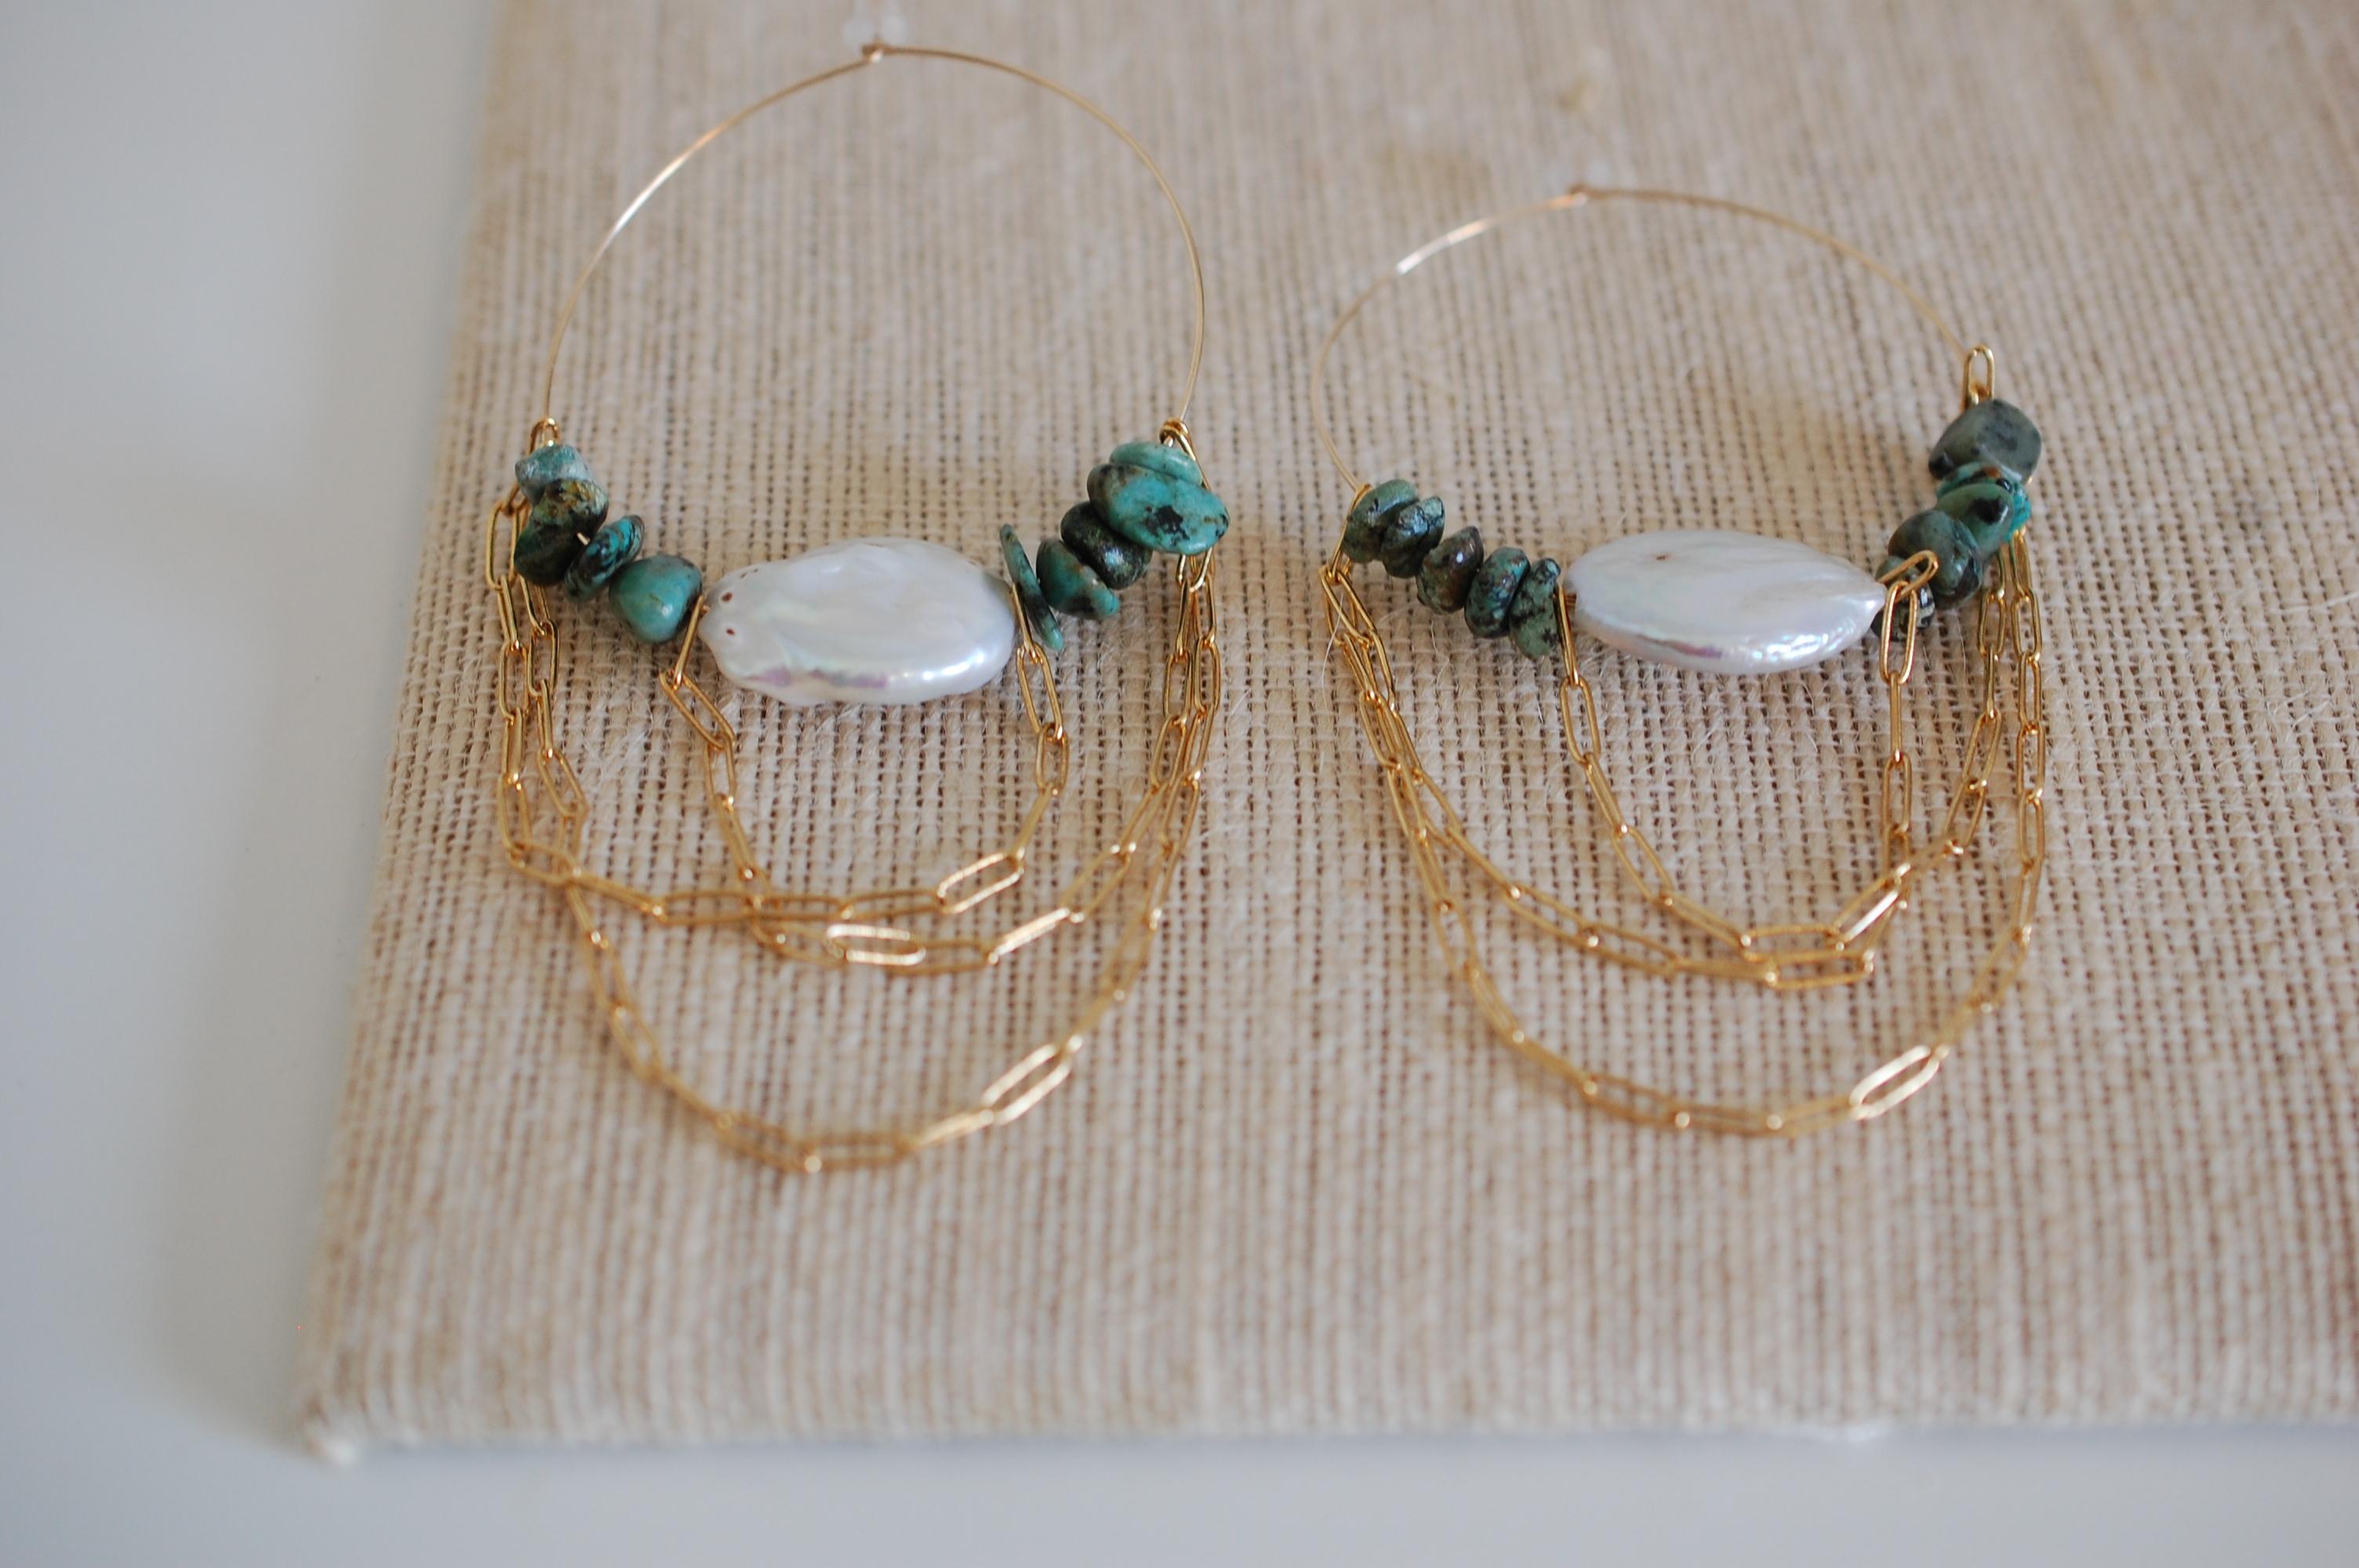 Off The Grid in Turquoise Hoop Earrings